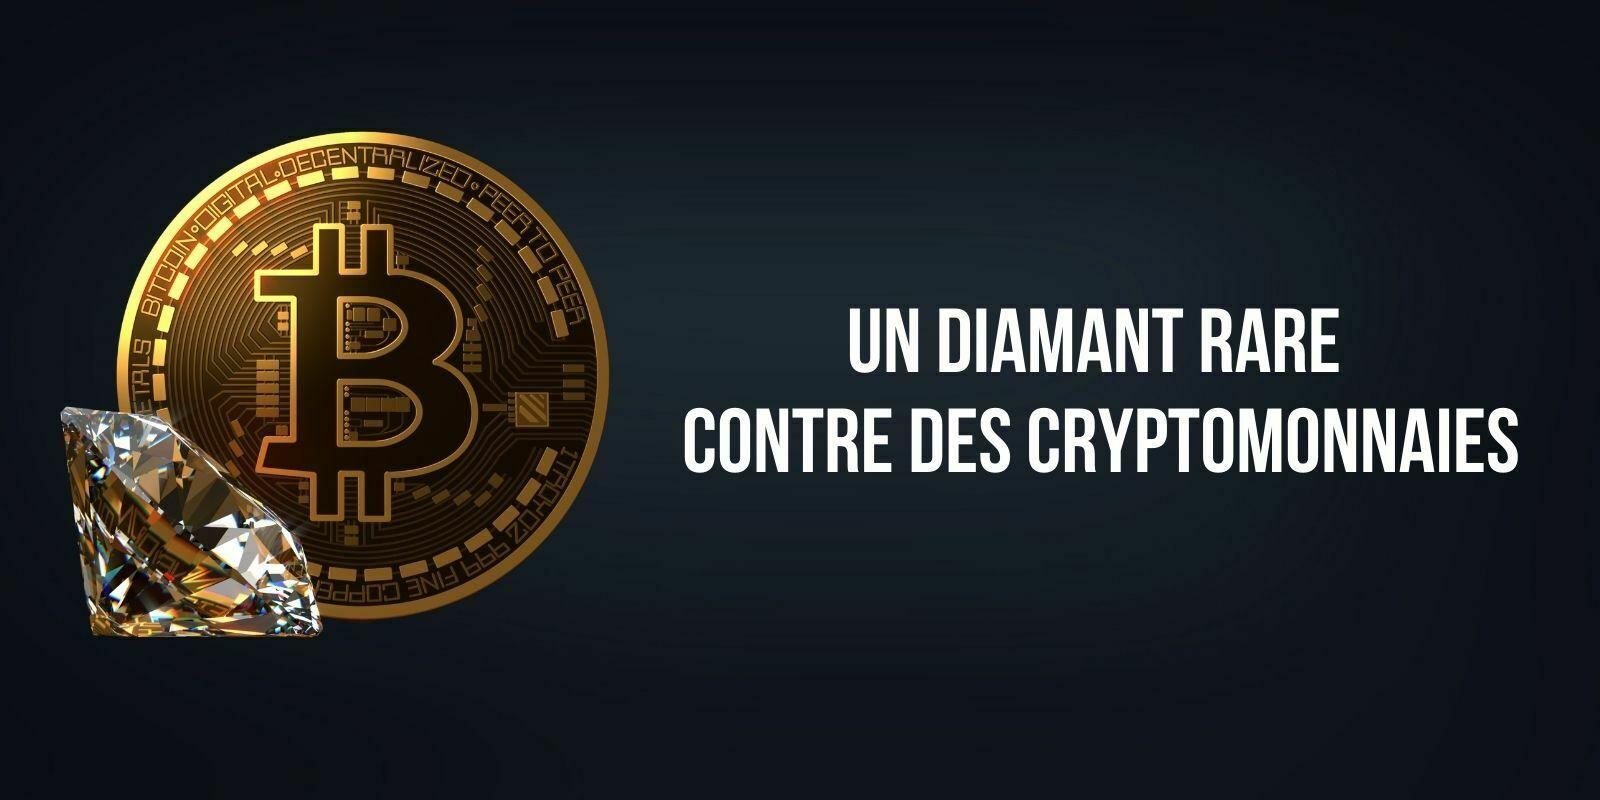 Sotheby's acceptera les paiements en cryptomonnaies pour l'un des diamants les plus rares au monde